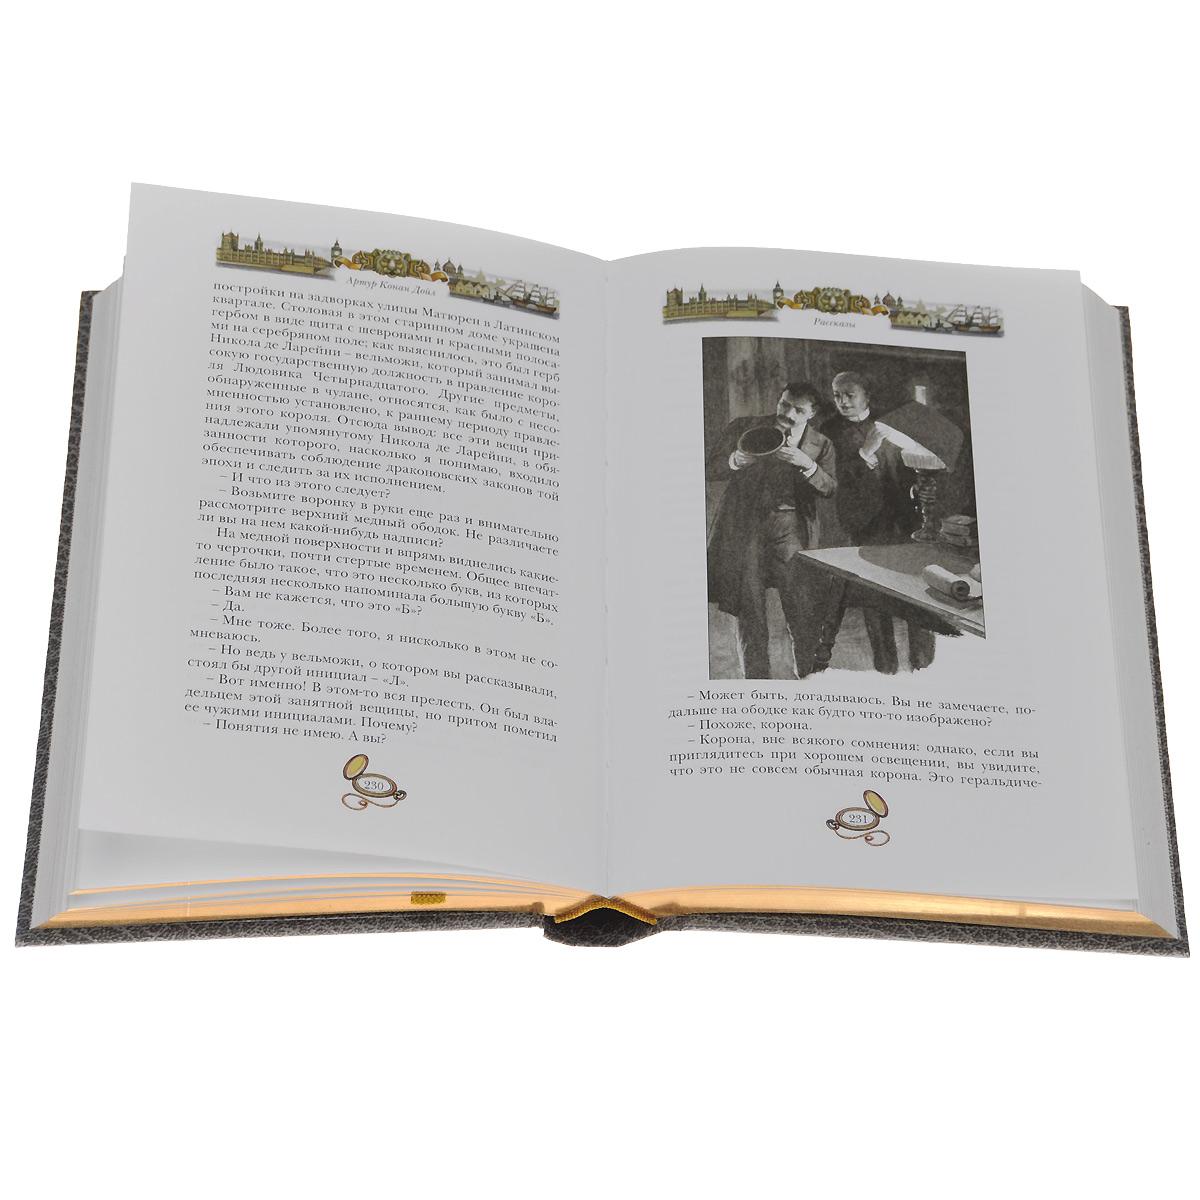 Источник: Артур Конан Дойл, Артур Конан Дойл. Избранные сочинения. Роковой выстрел (подарочное издание)